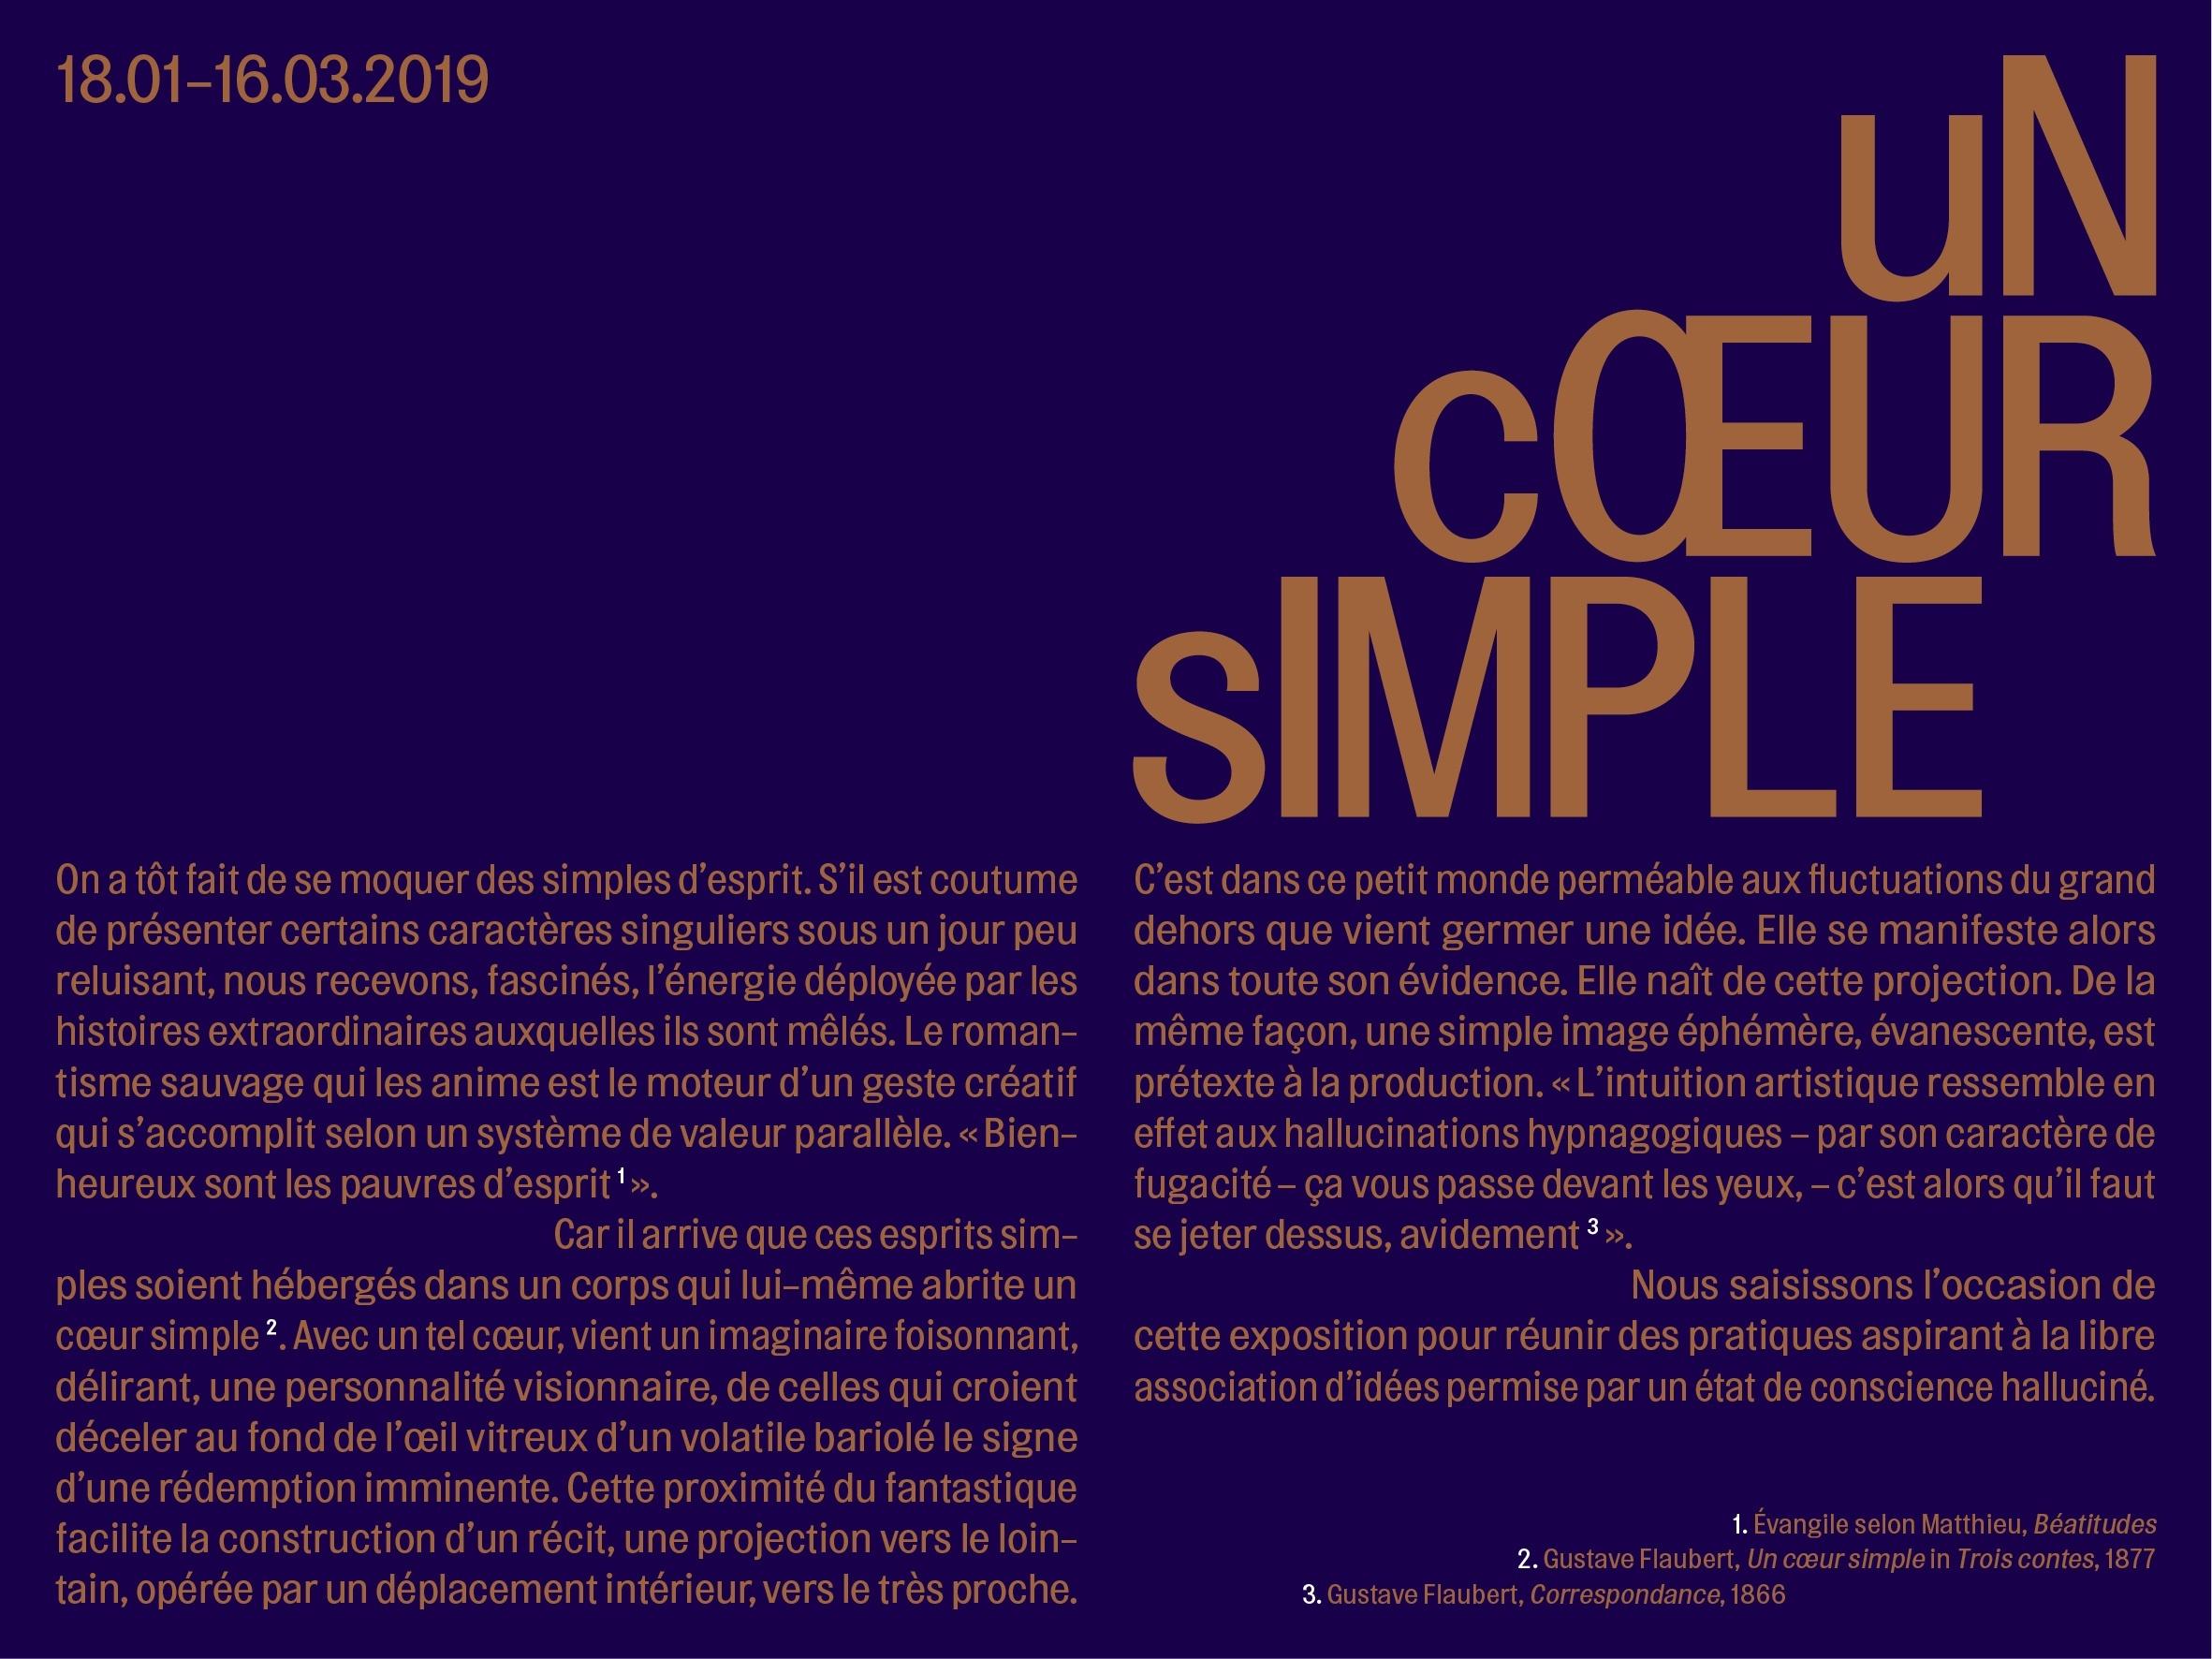 exposition_Un cœur simple_Centre Tignous d'art contemporain de Montreuil